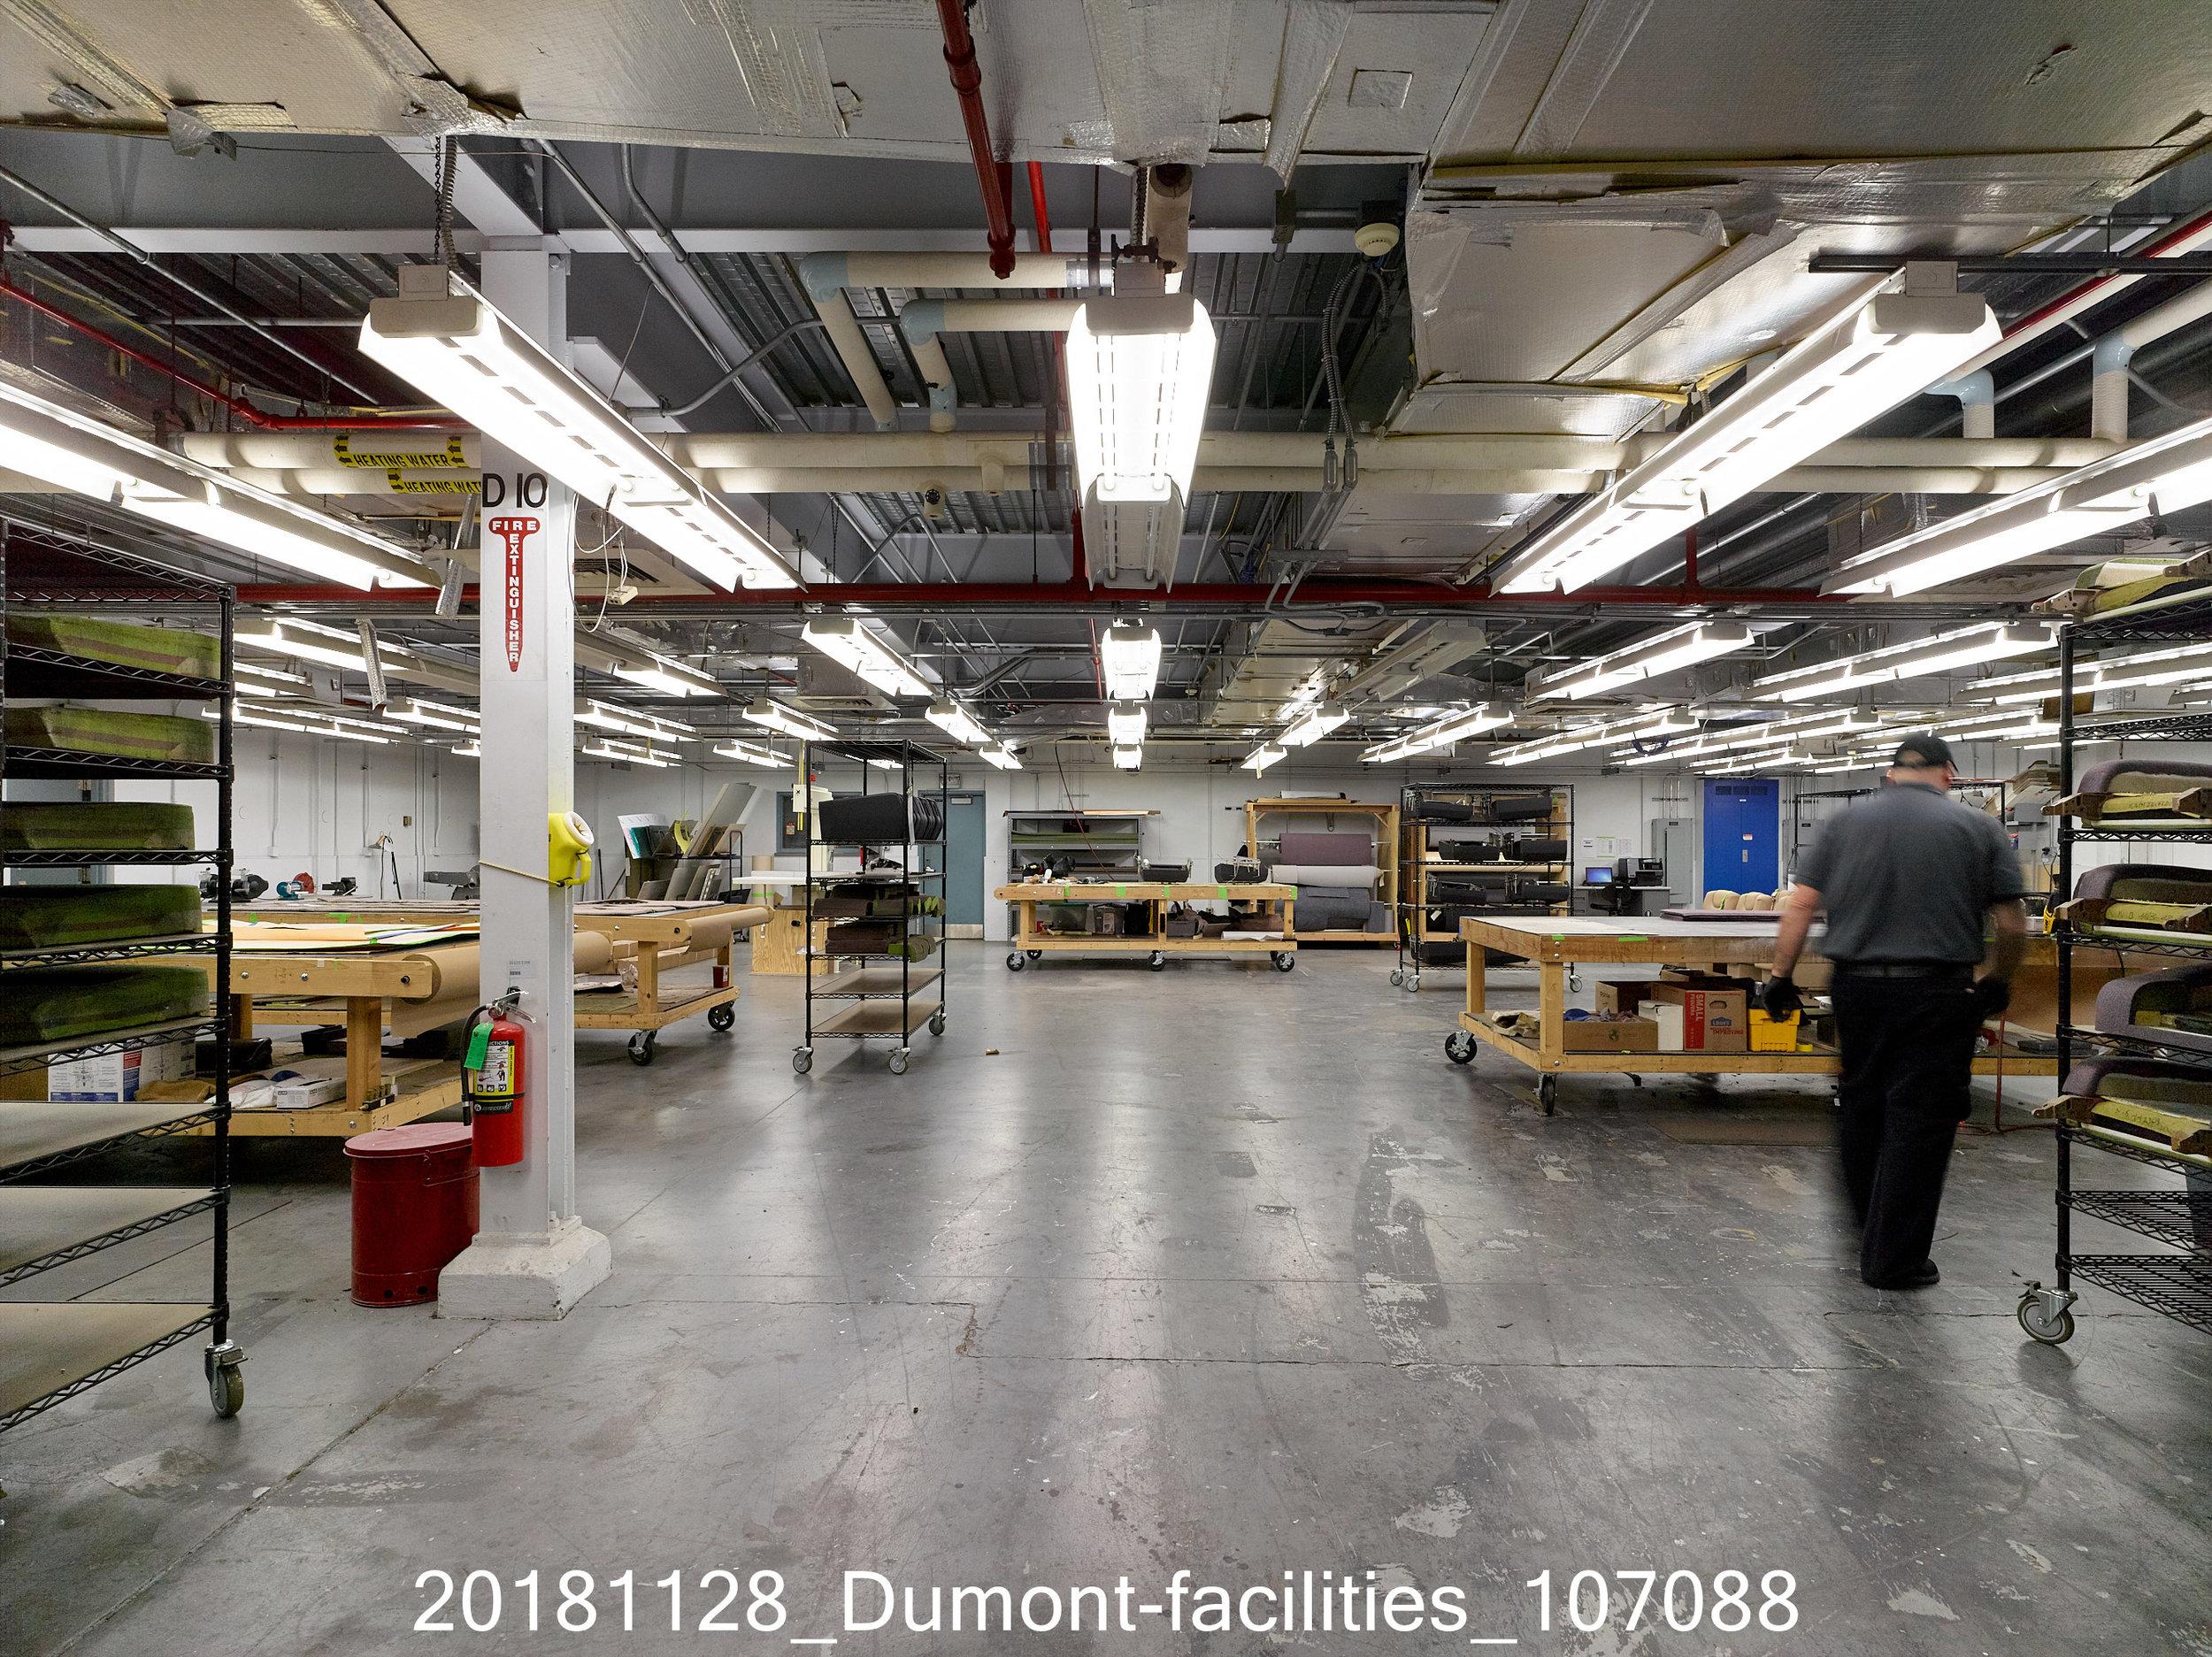 20181128_Dumont-facilities_107088.jpg